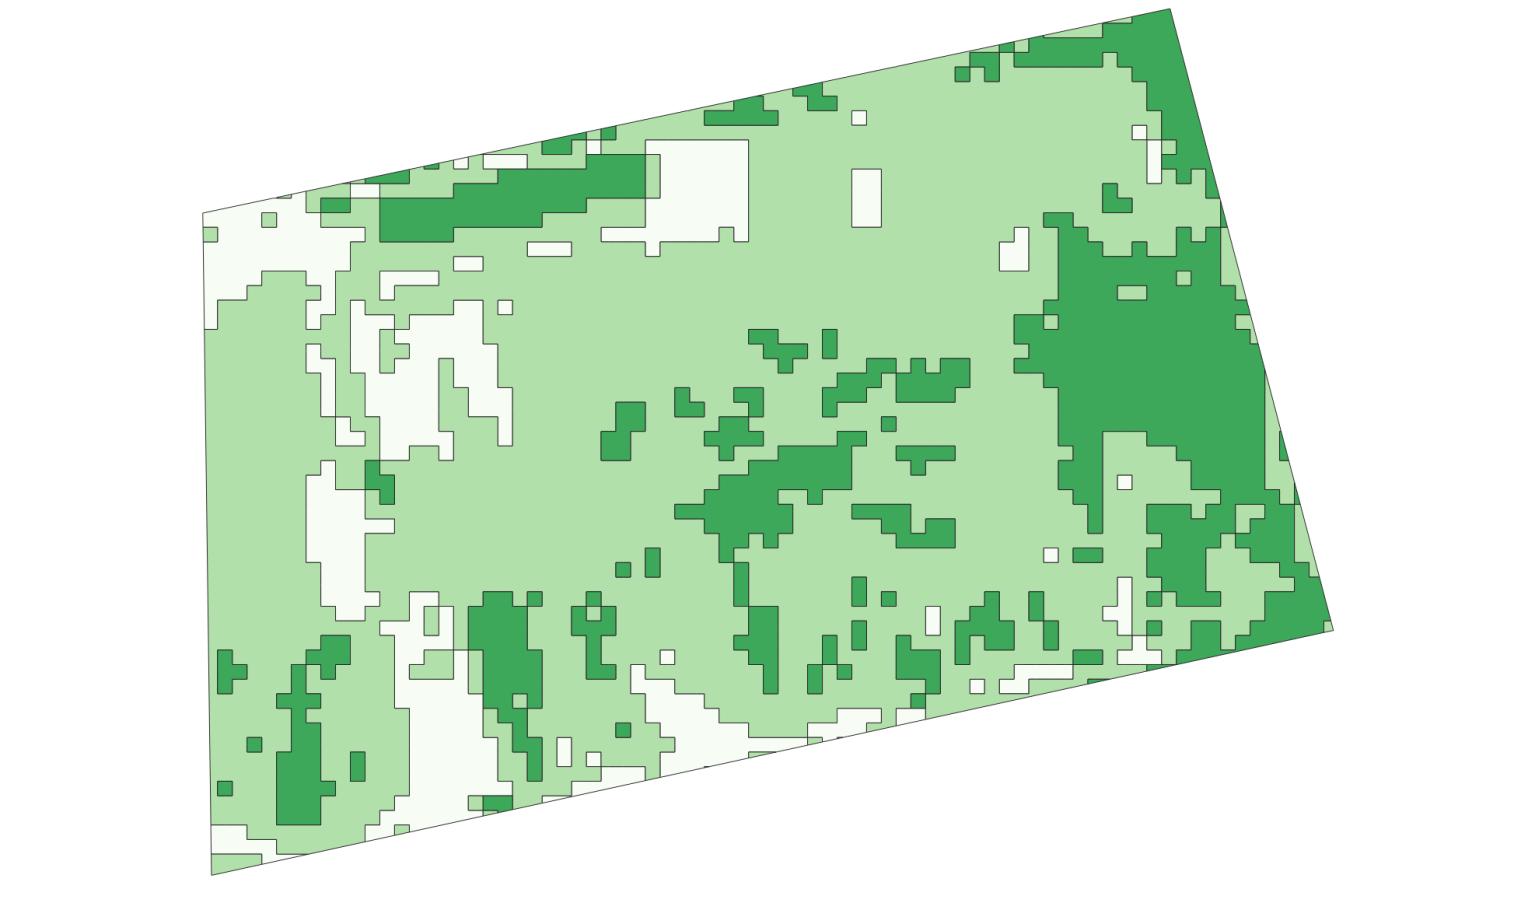 карта-задача для техники для дифференцированного внесения удобрений